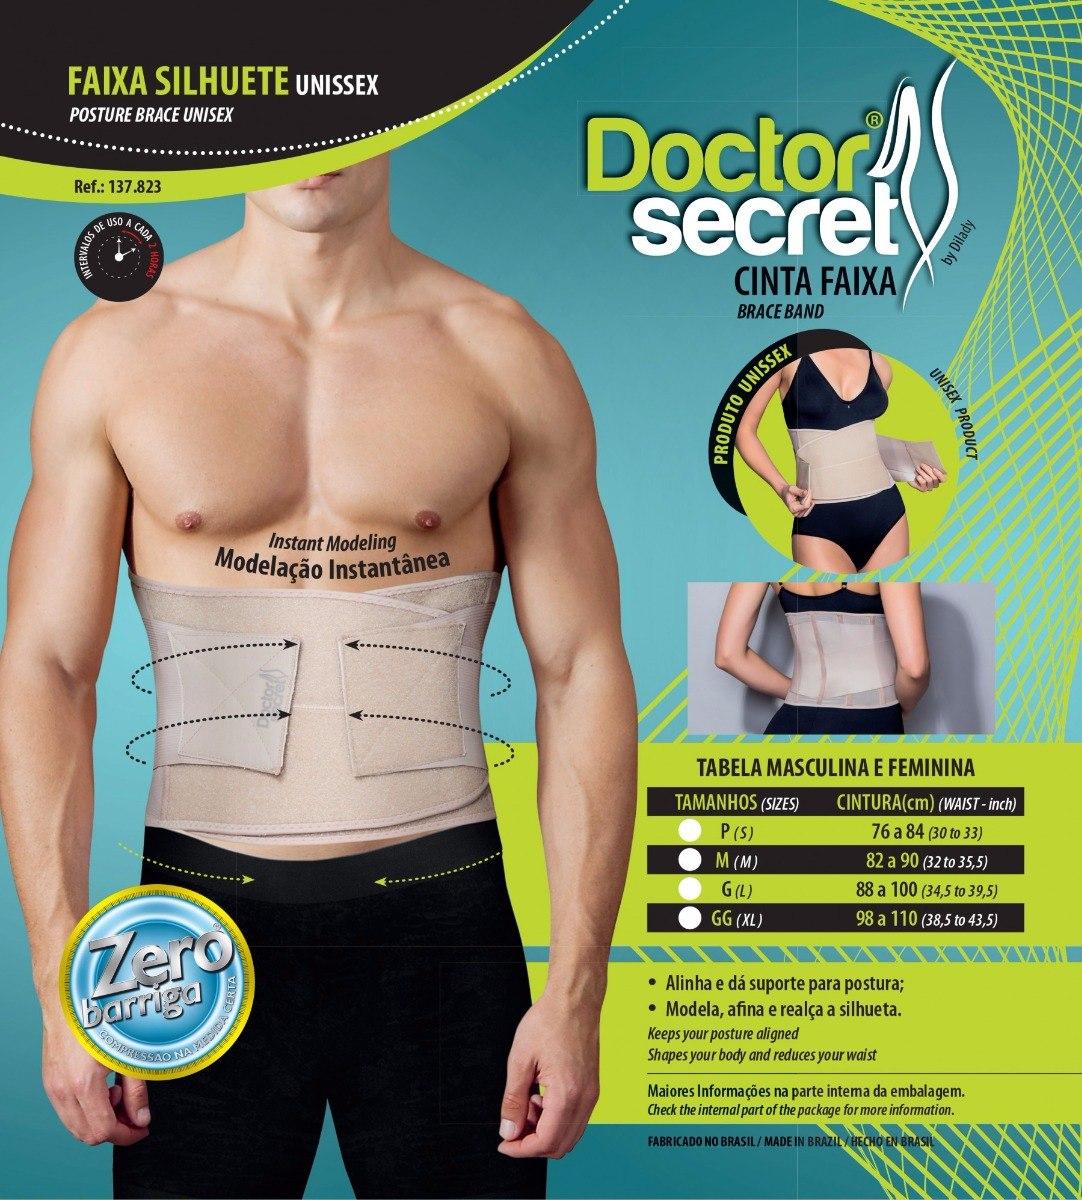 1e3f2b7a6 cinta modeladora faixa seca barriga unissex doctor secret. Carregando zoom.